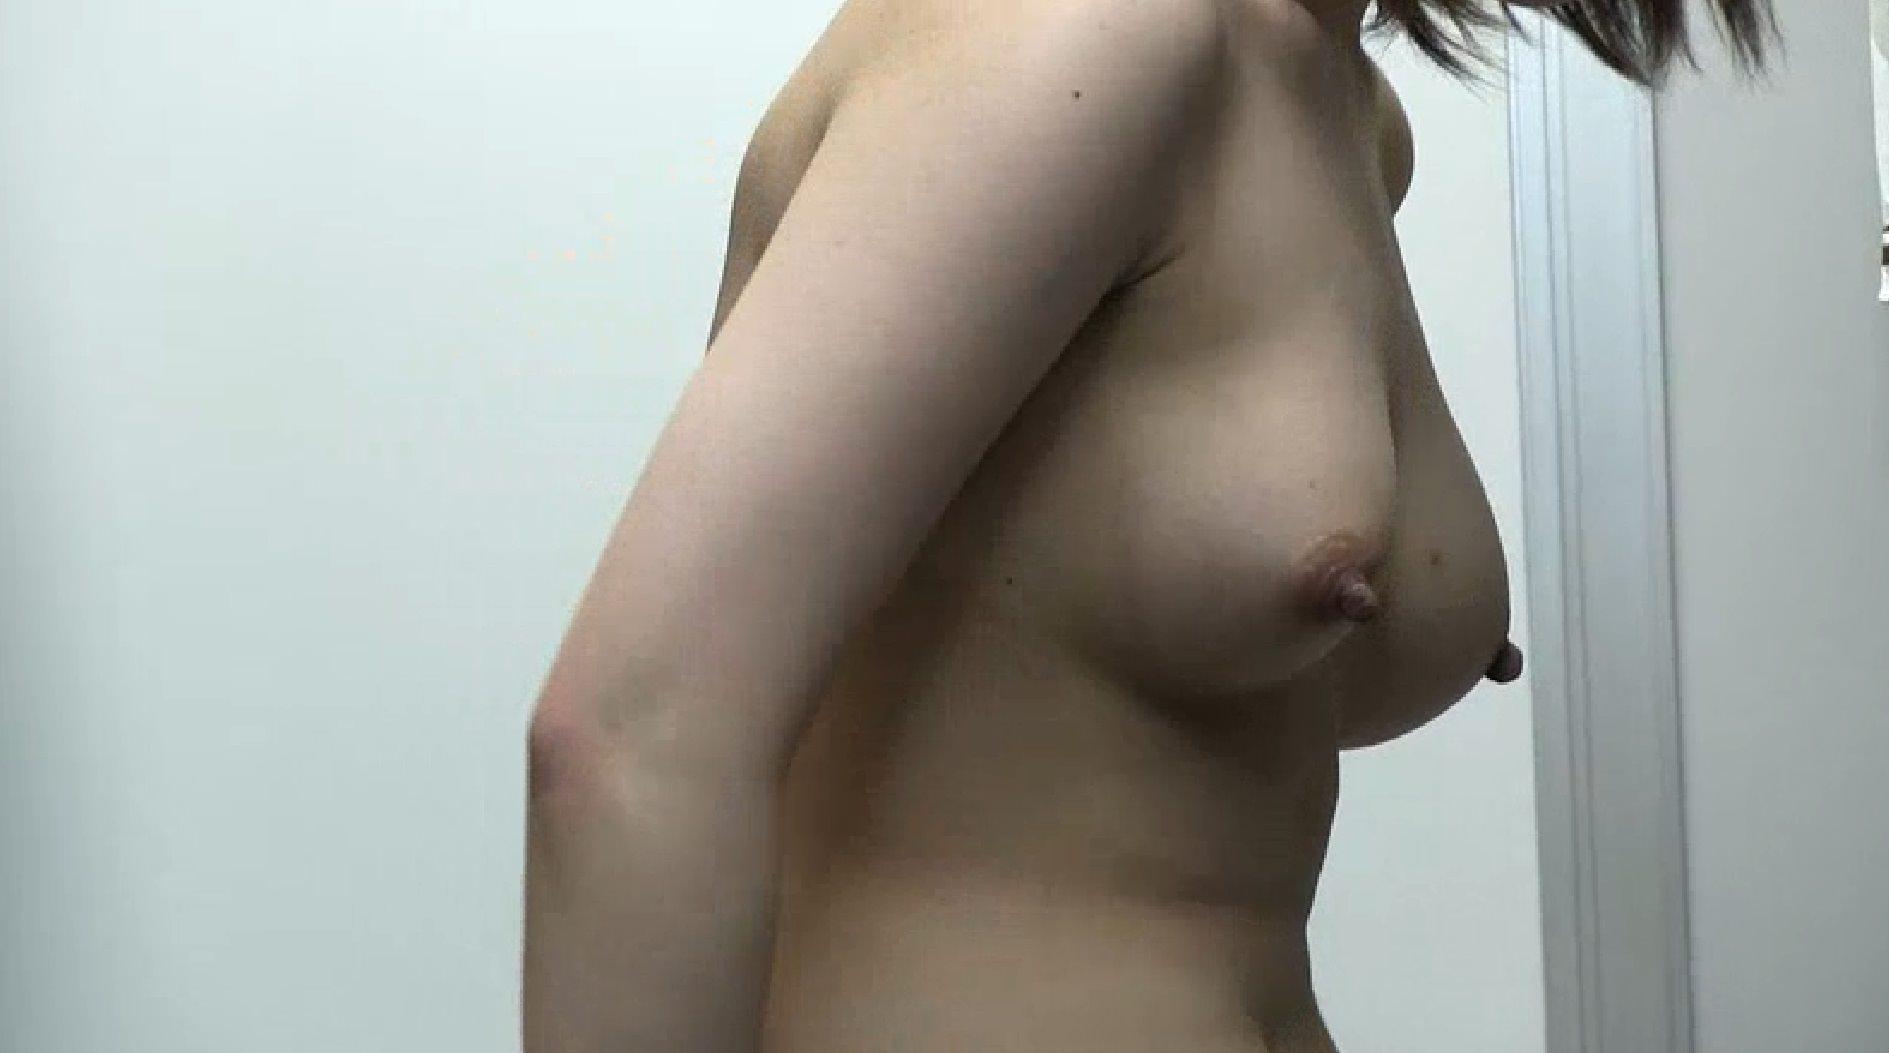 女子更衣室でお着替えするOLを隠し撮りしたエロ画像 0706